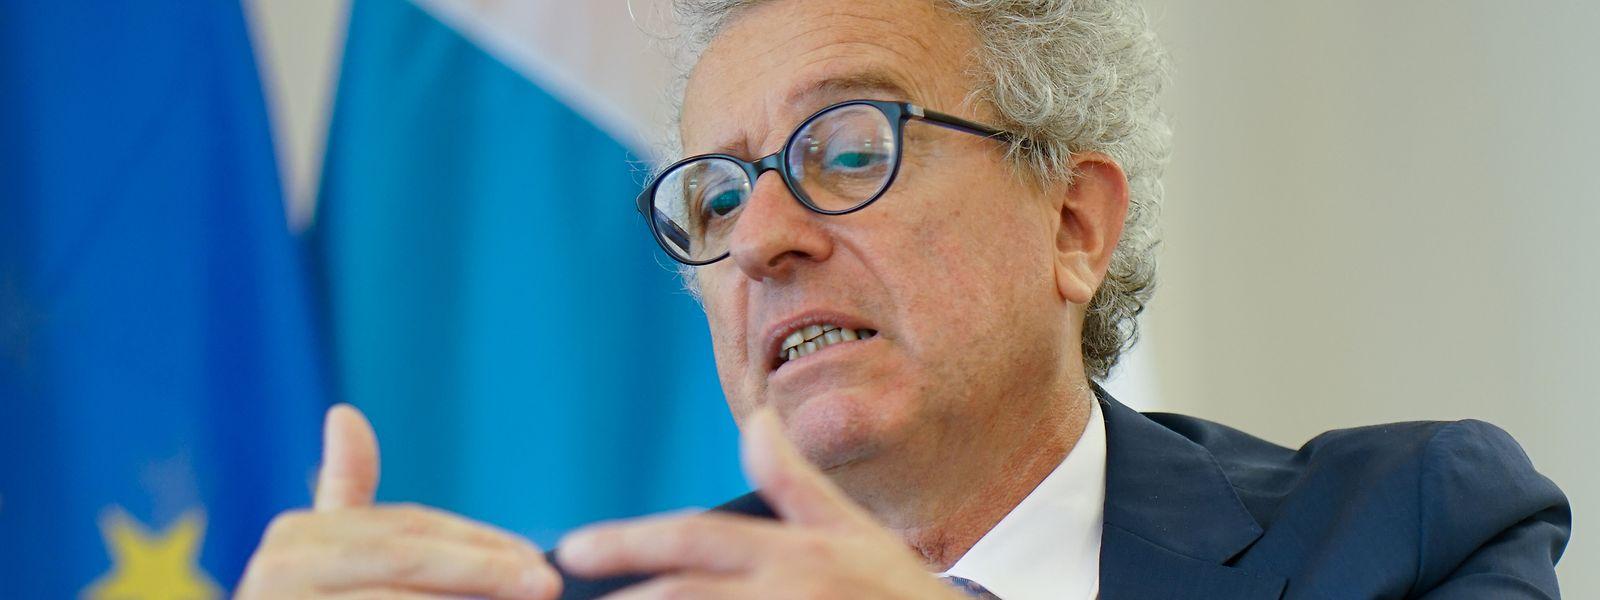 C'est en date du 9 juillet que Pierre Gramegna saura s'il prend ou non la tête de l'Eurogroupe.